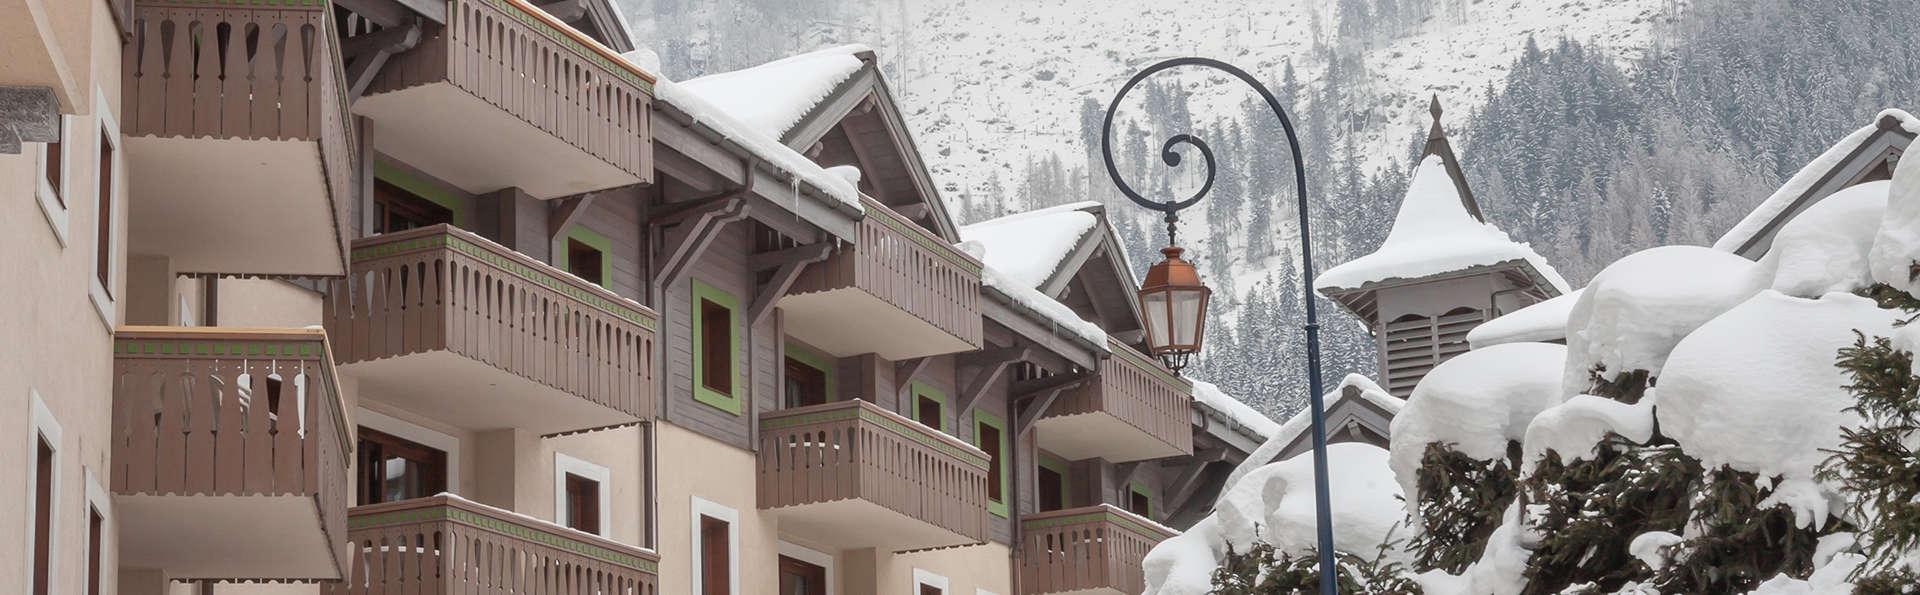 Pierre et Vacances Premium La Ginabelle - Edit_Ext4.jpg